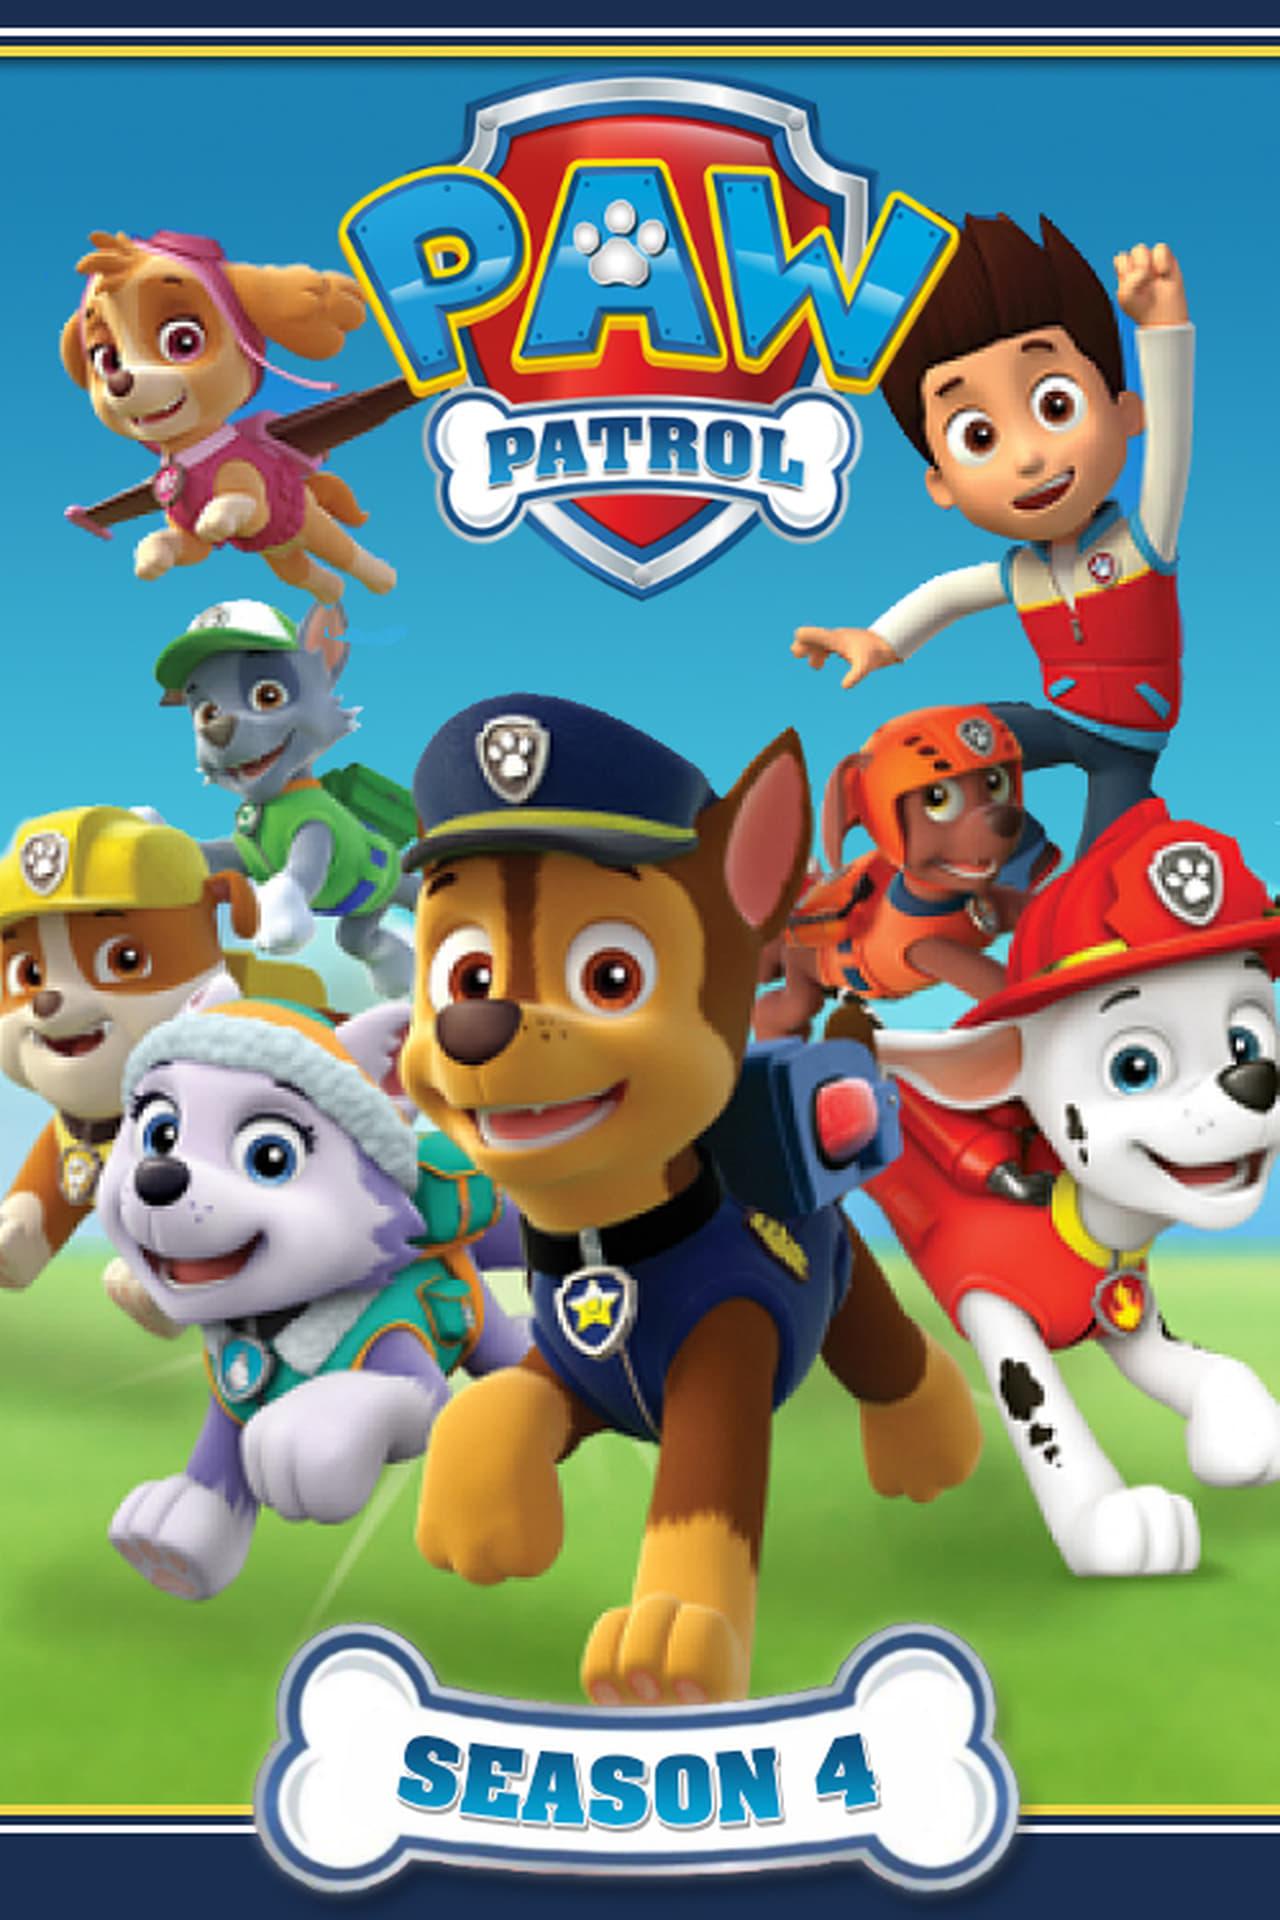 Paw Patrol Season 4